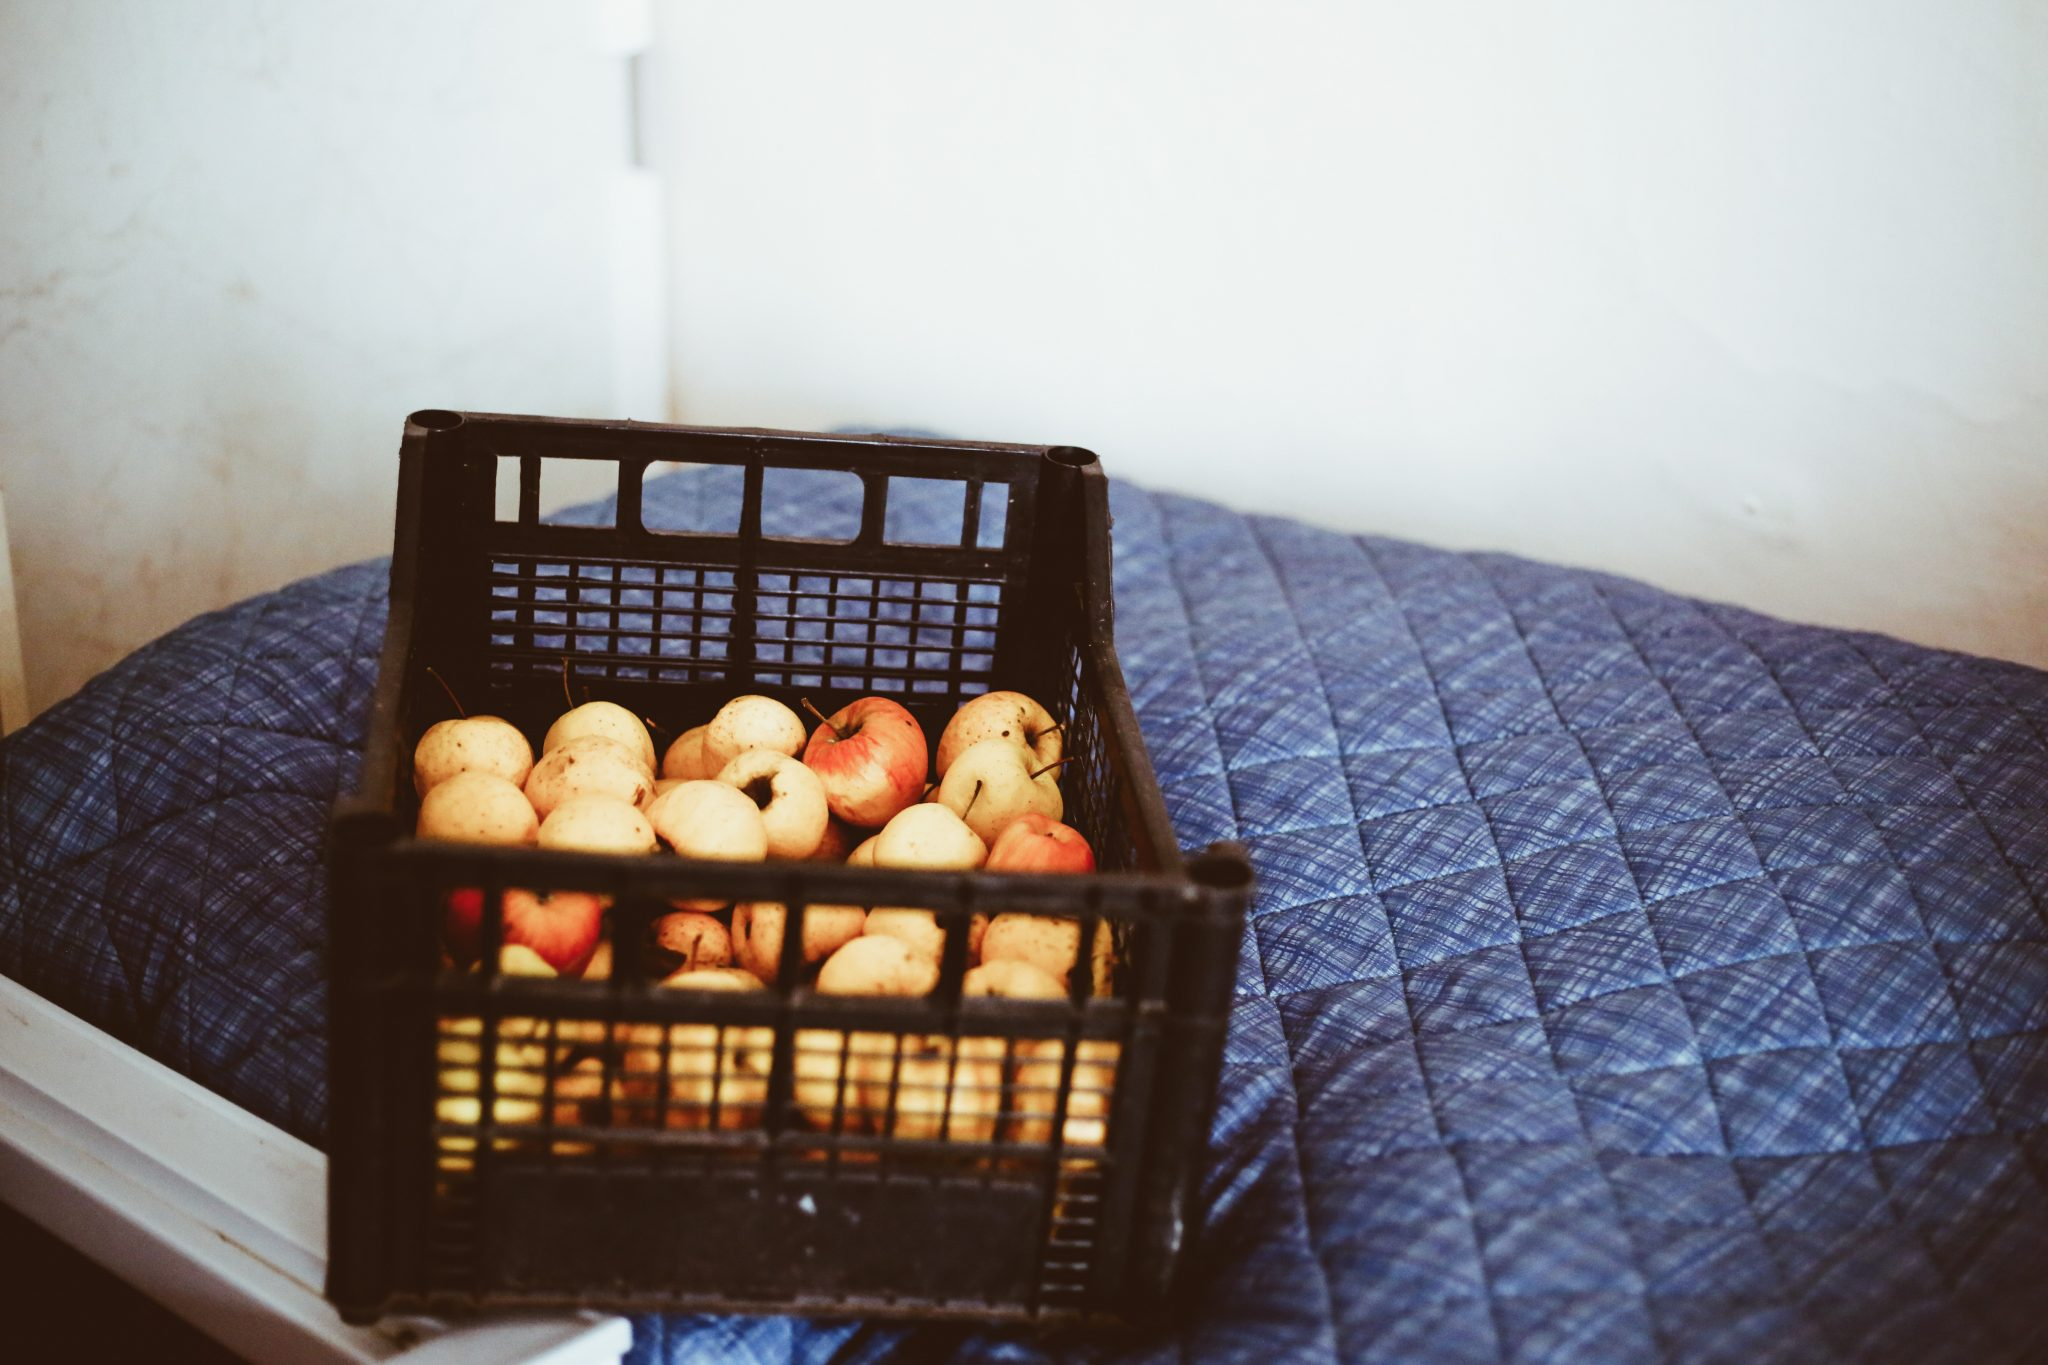 Kiste mit Äpfel auf einem Bett